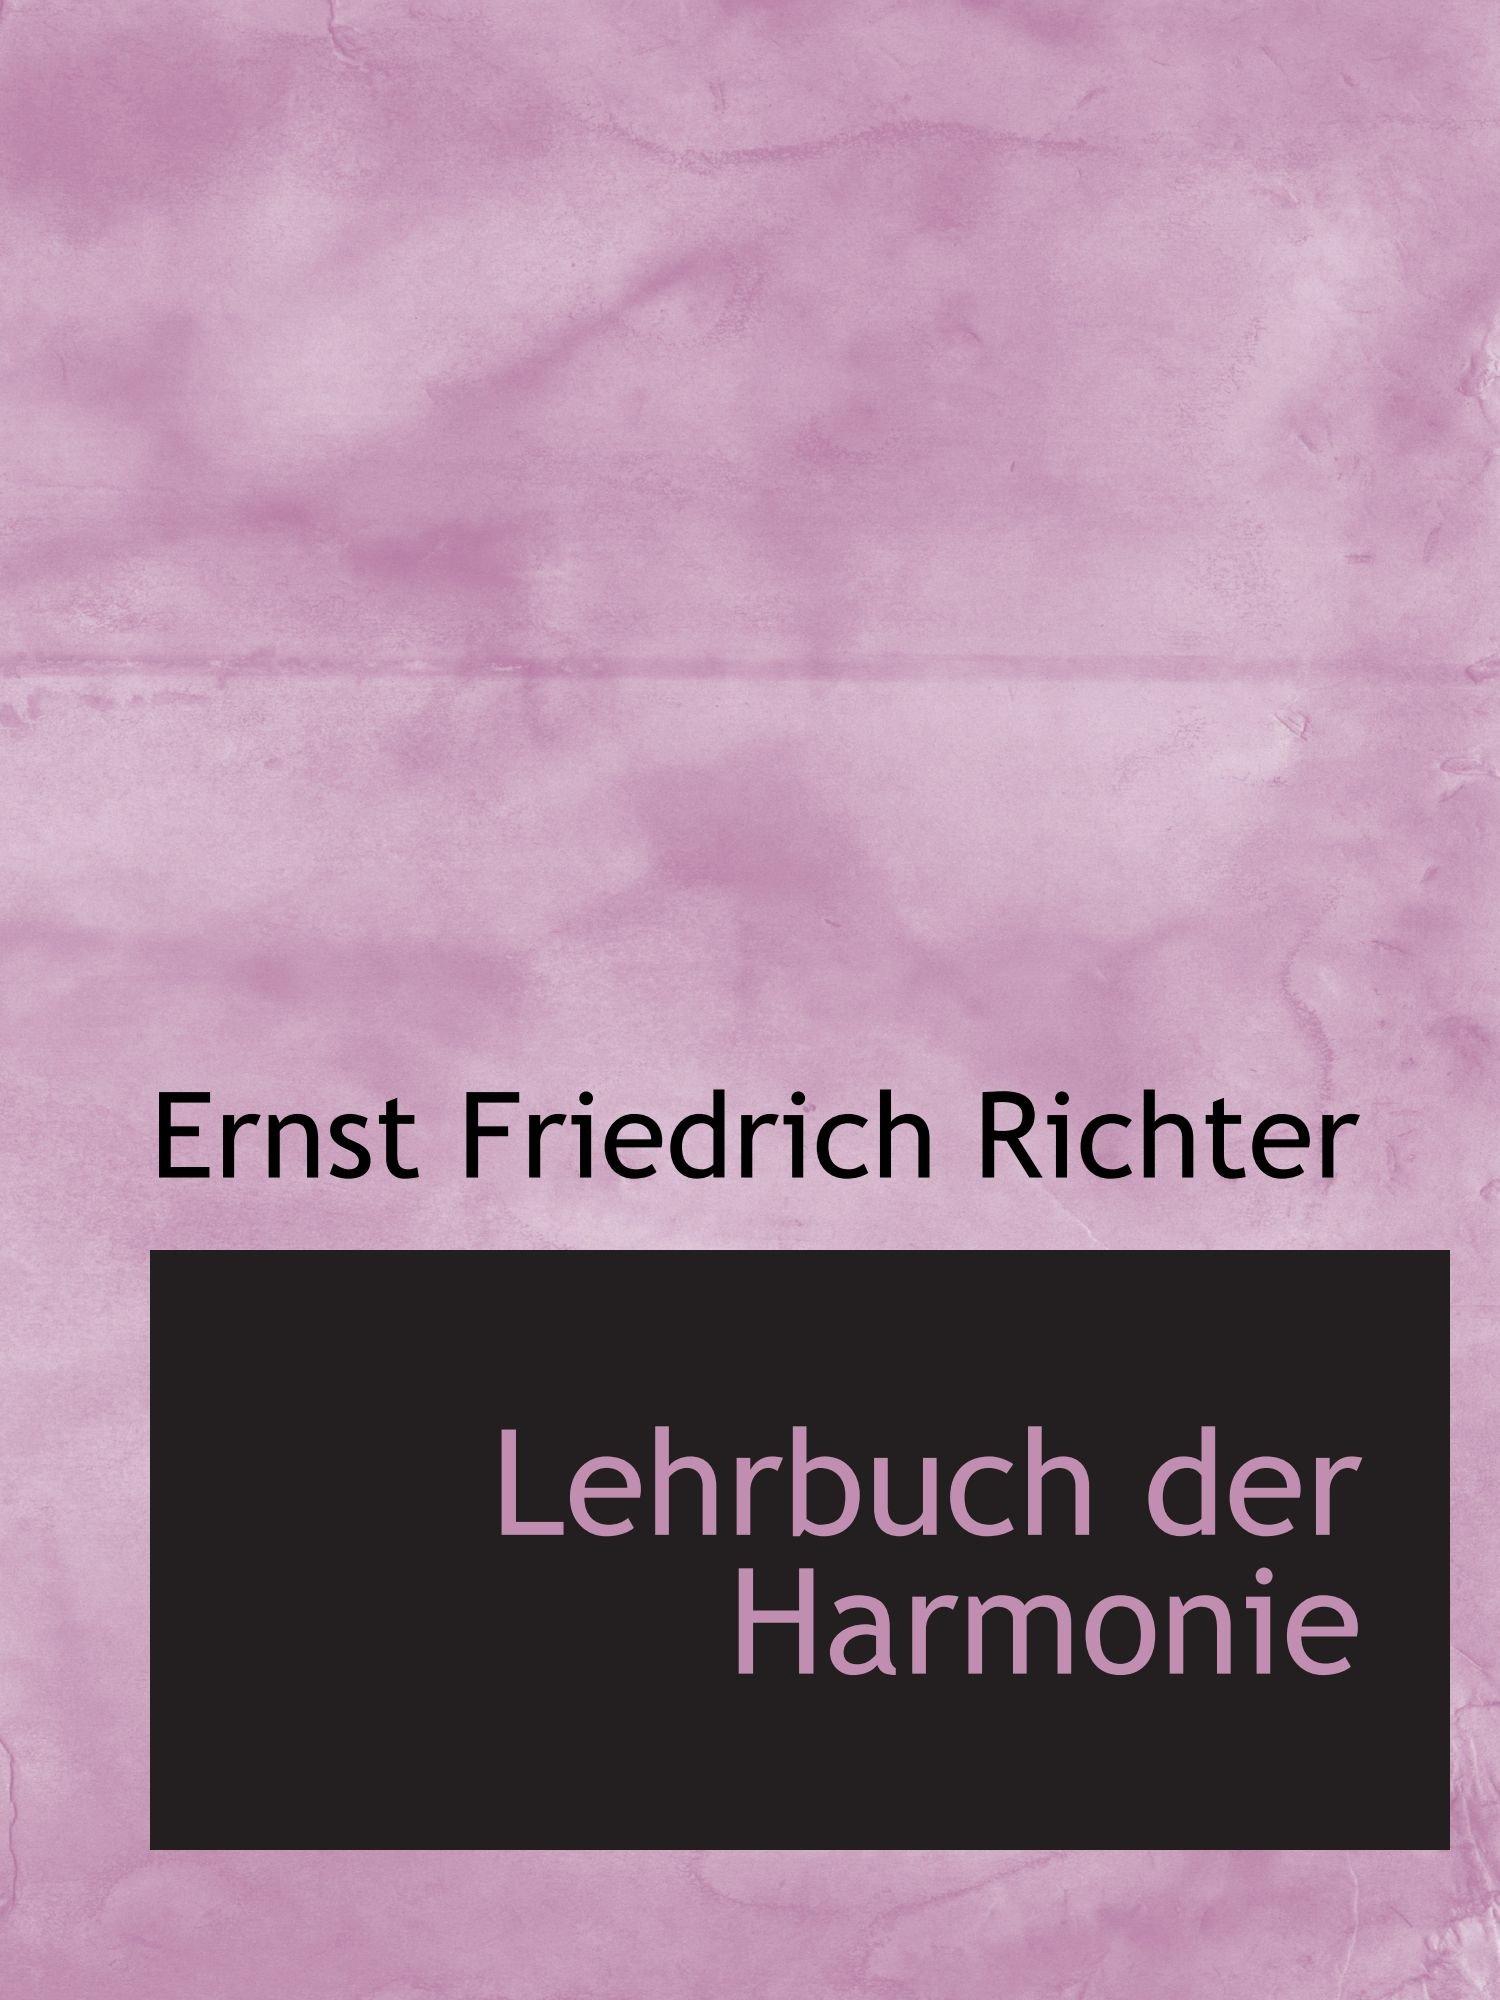 Download Lehrbuch der Harmonie pdf